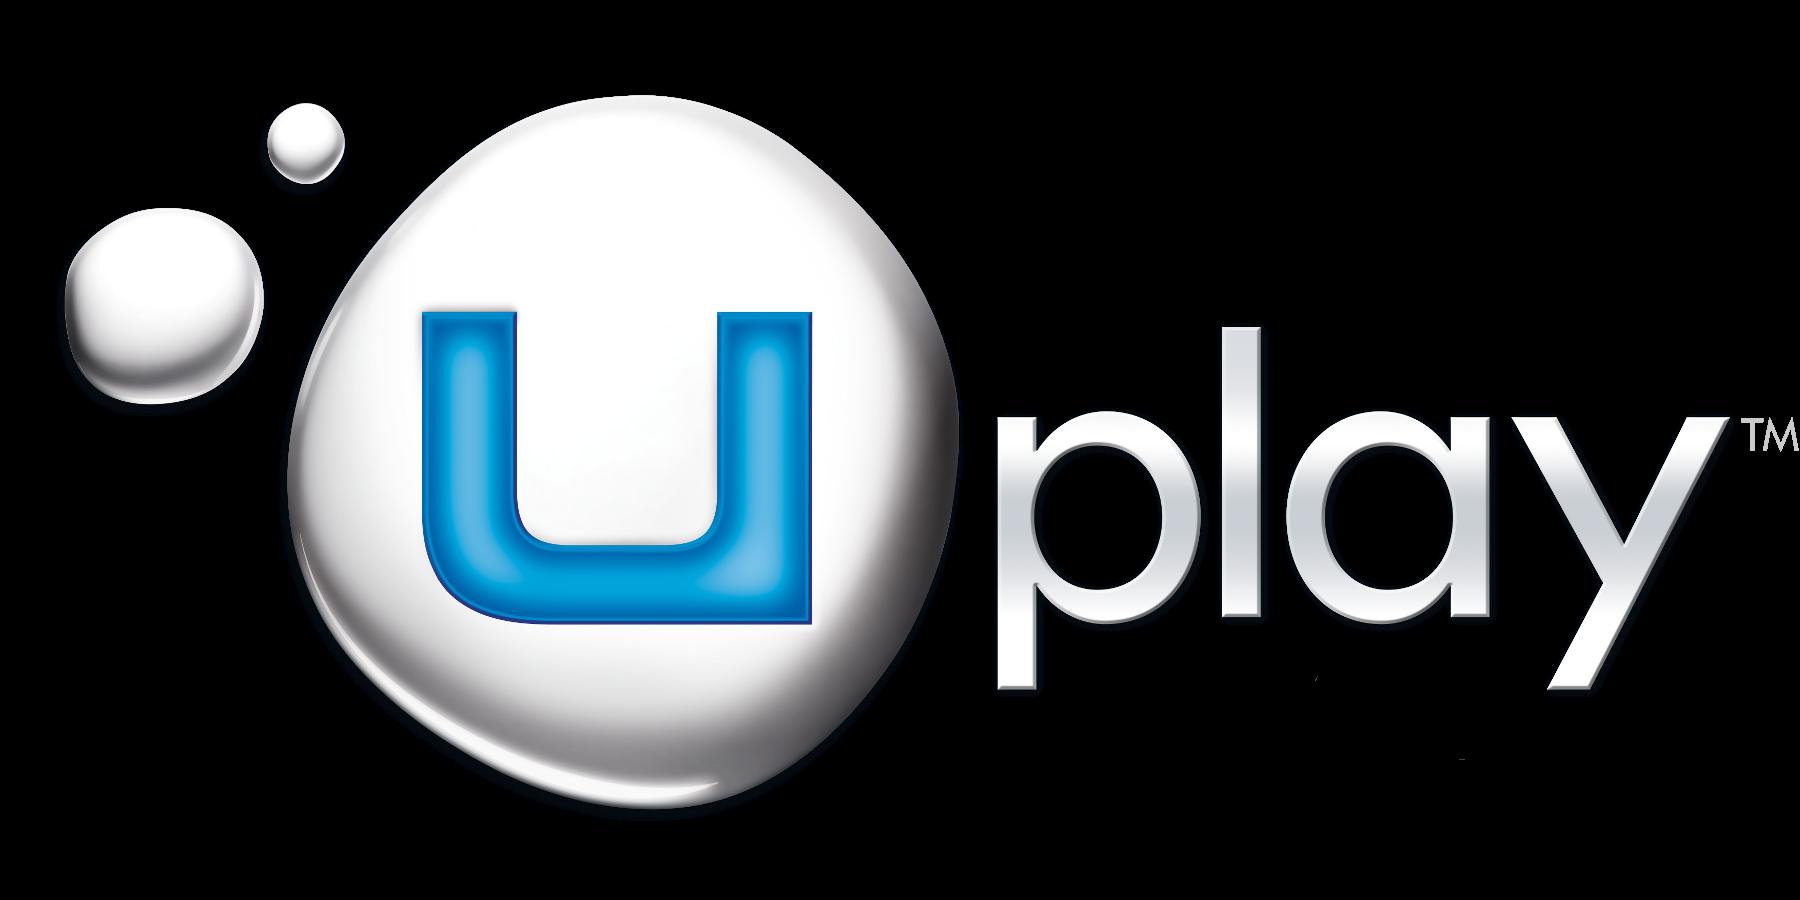 Uplay | Watch Dogs Wiki | FANDOM powered by Wikia